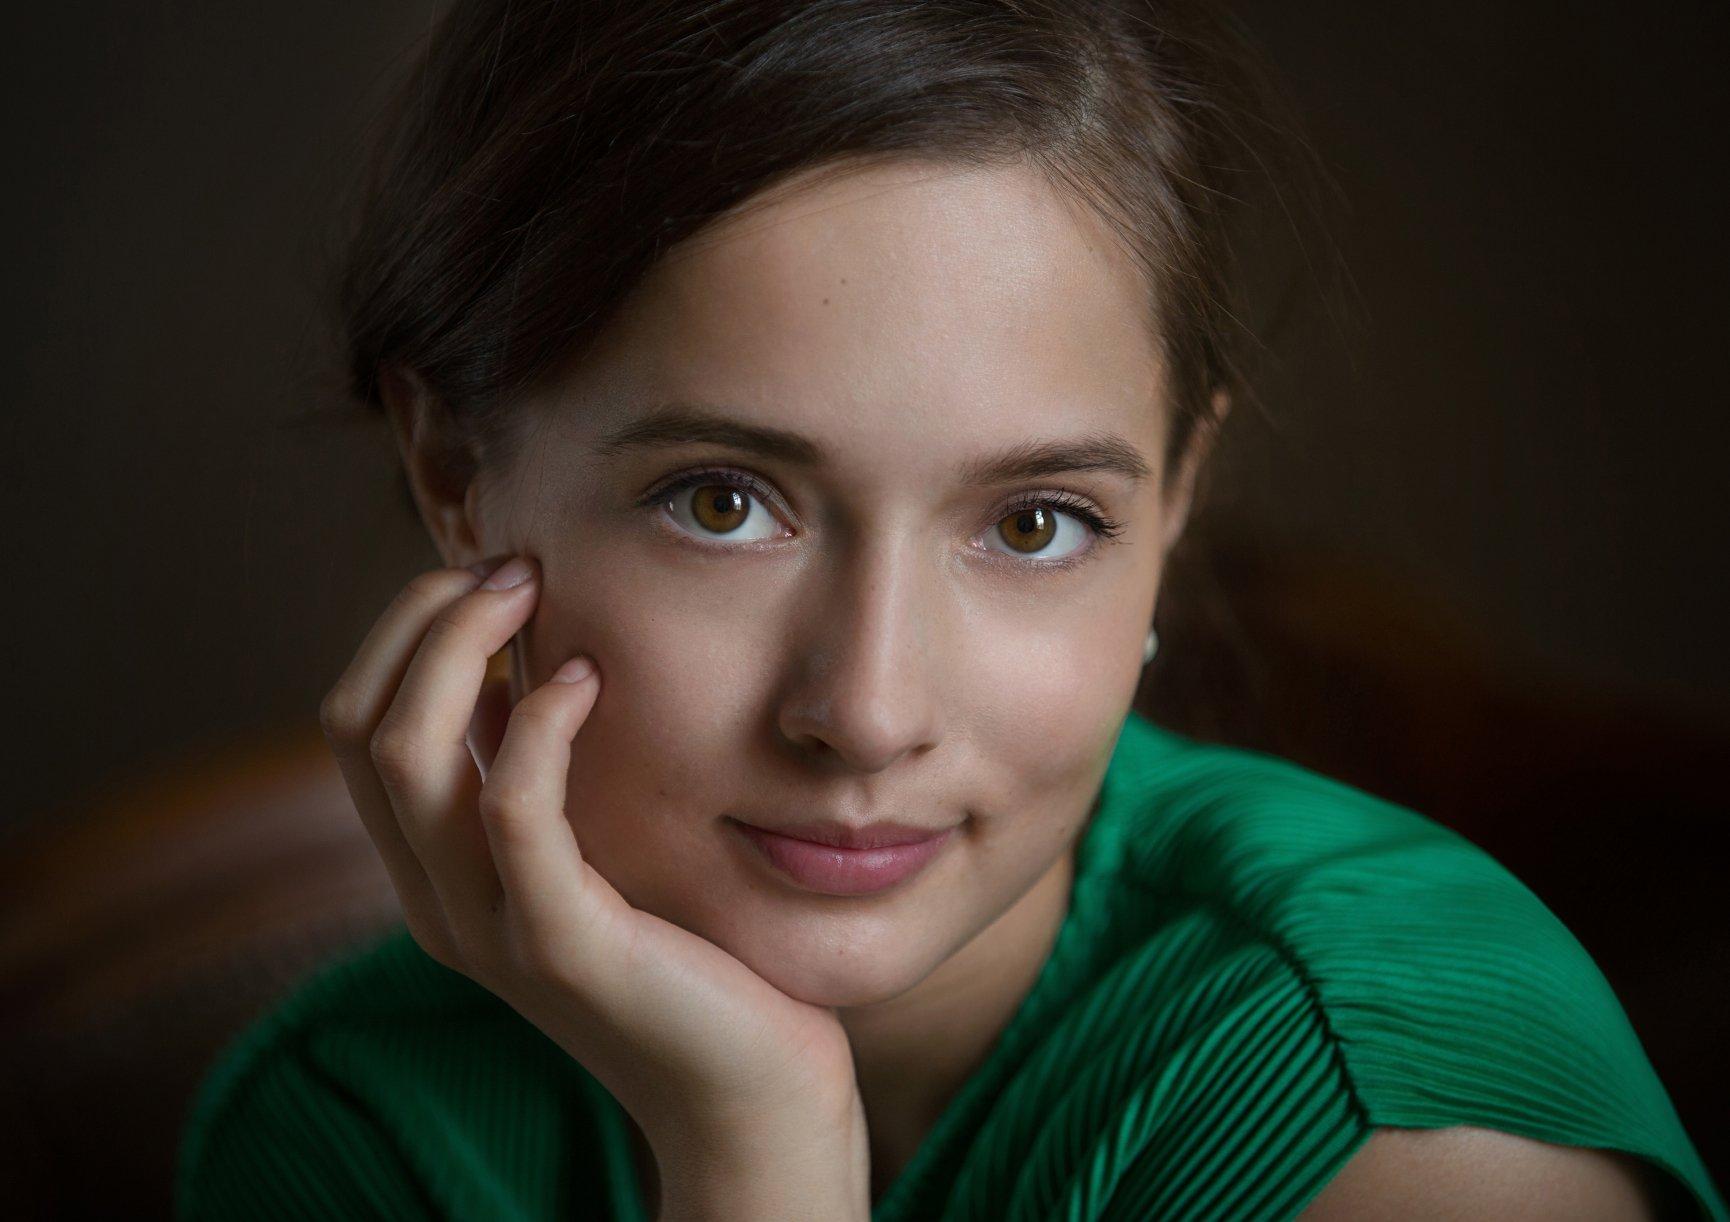 портрет, девушка, актриса, Алексей Назаров